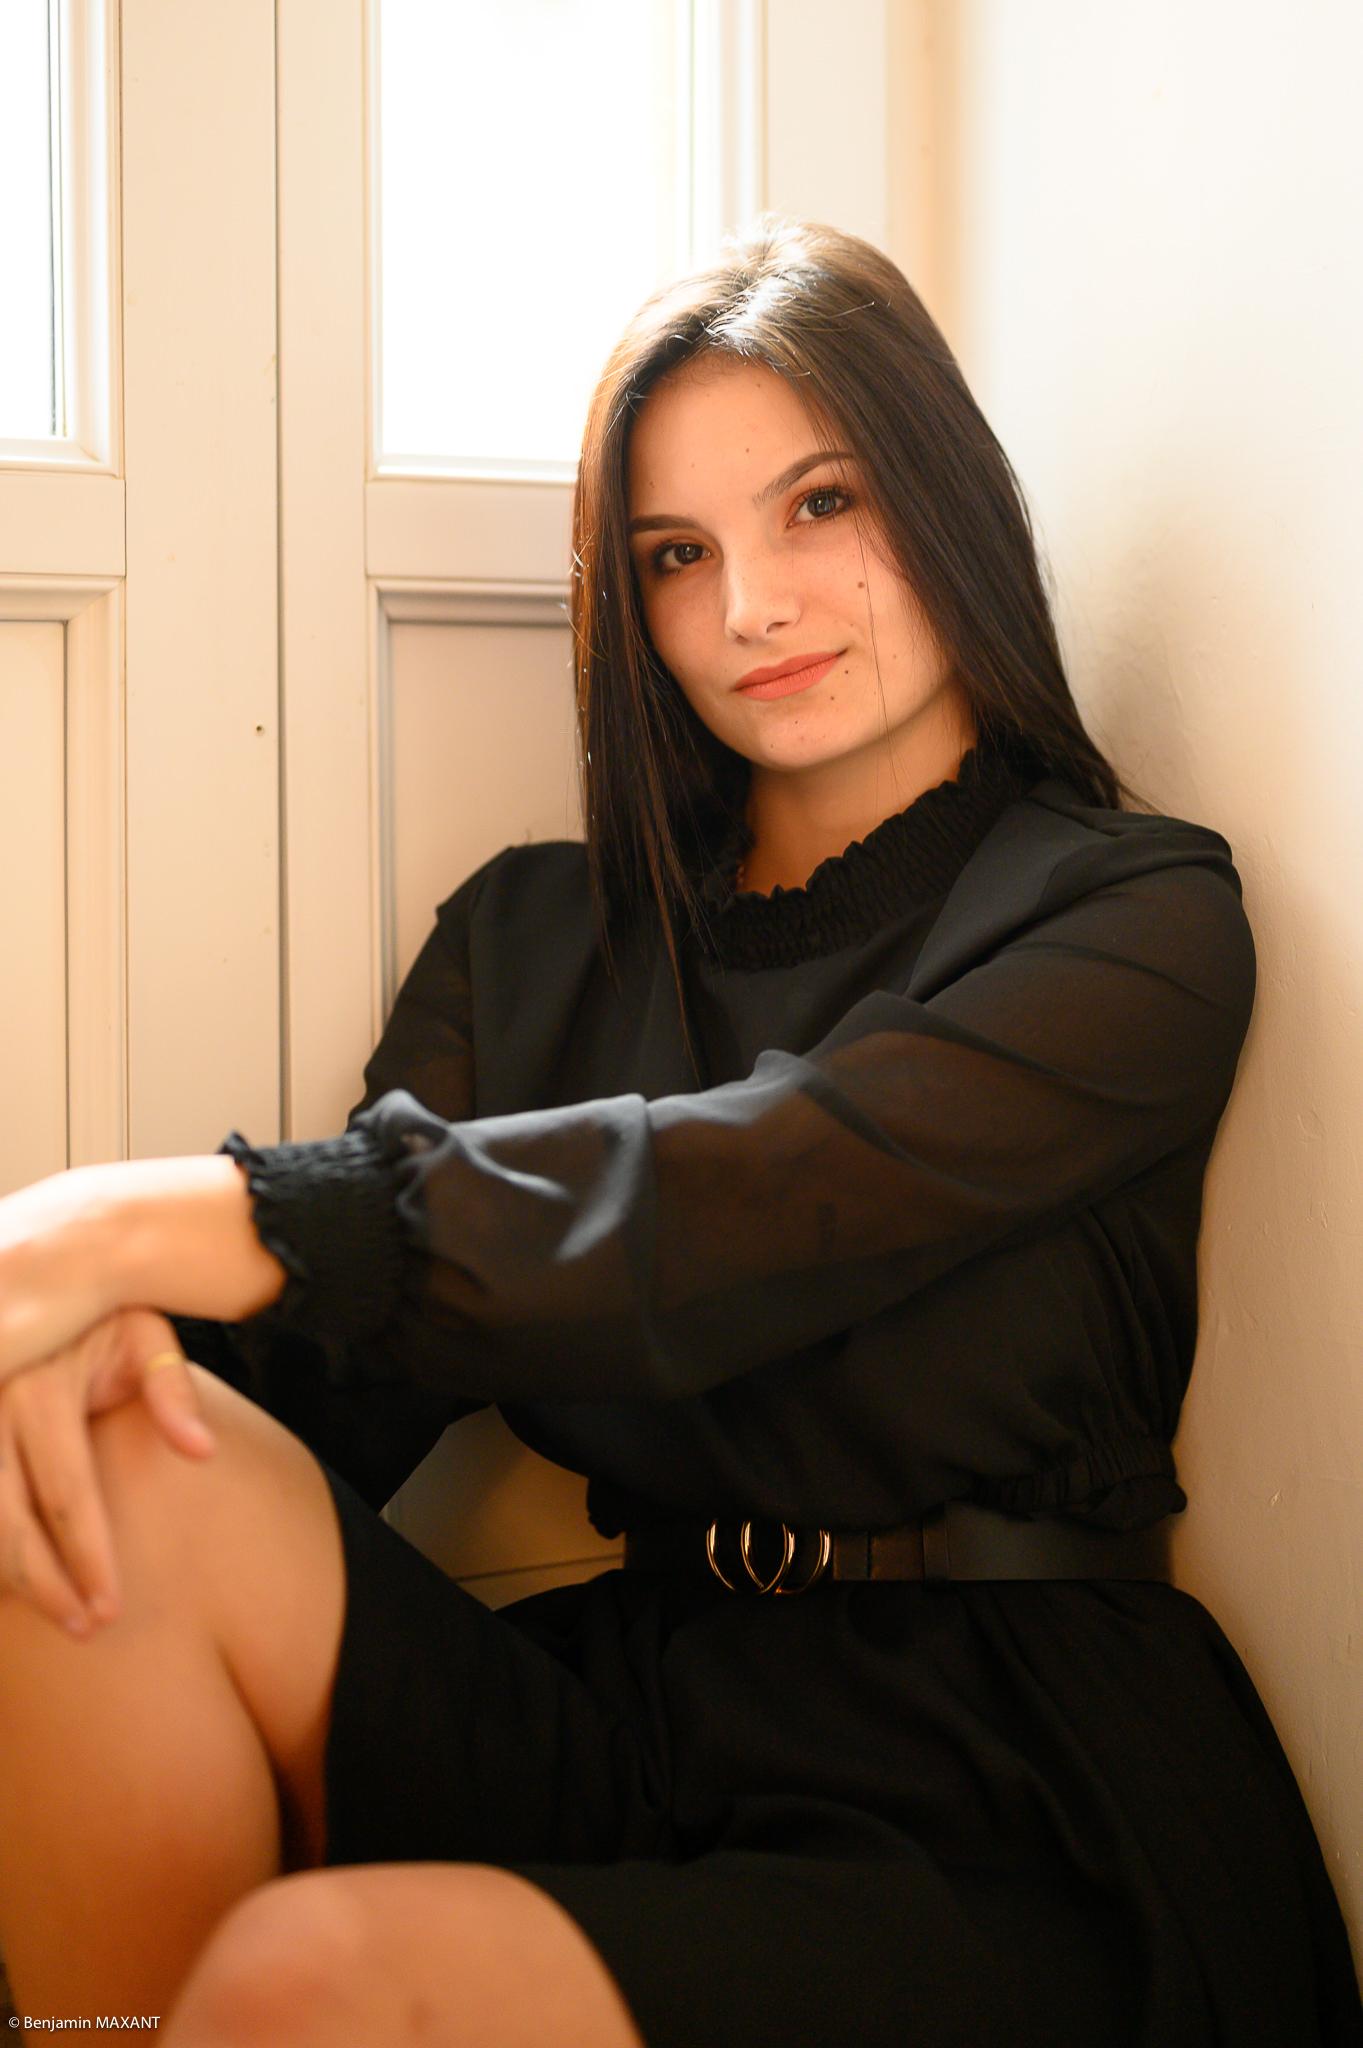 Séance photo boudoir robe noire assise près de la porte